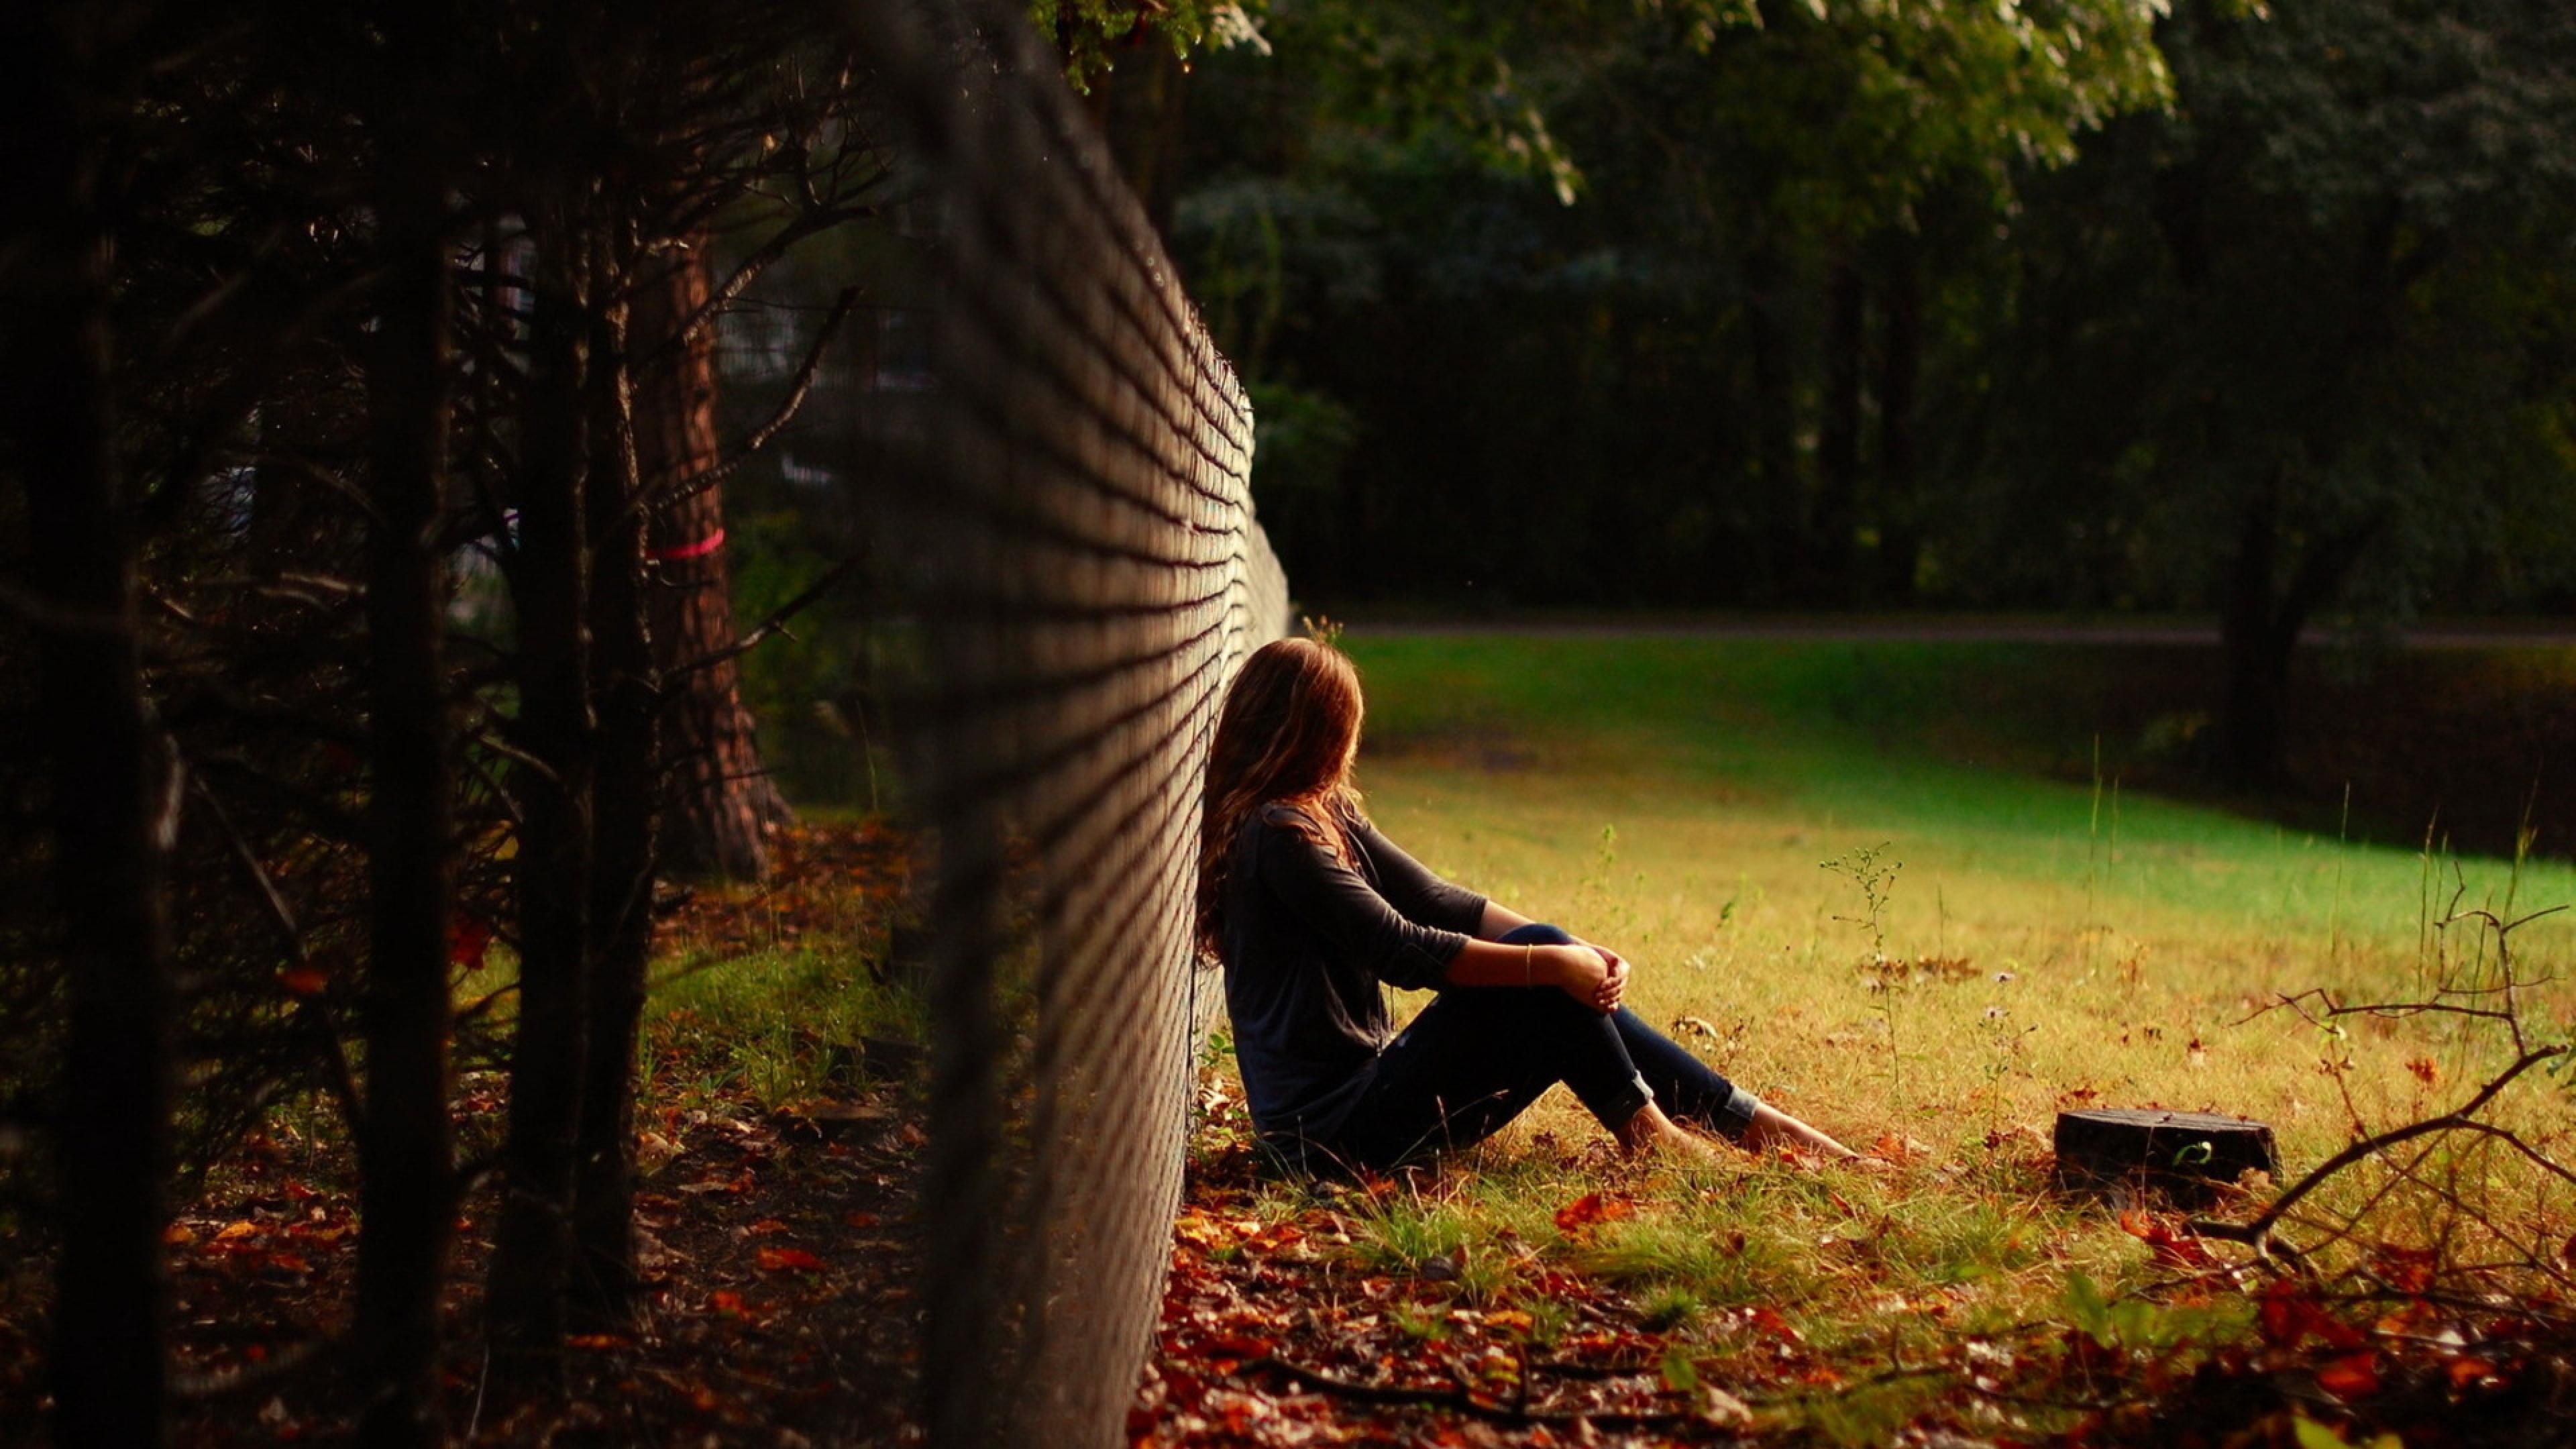 Tổng hợp hình ảnh cô gái cô đơn